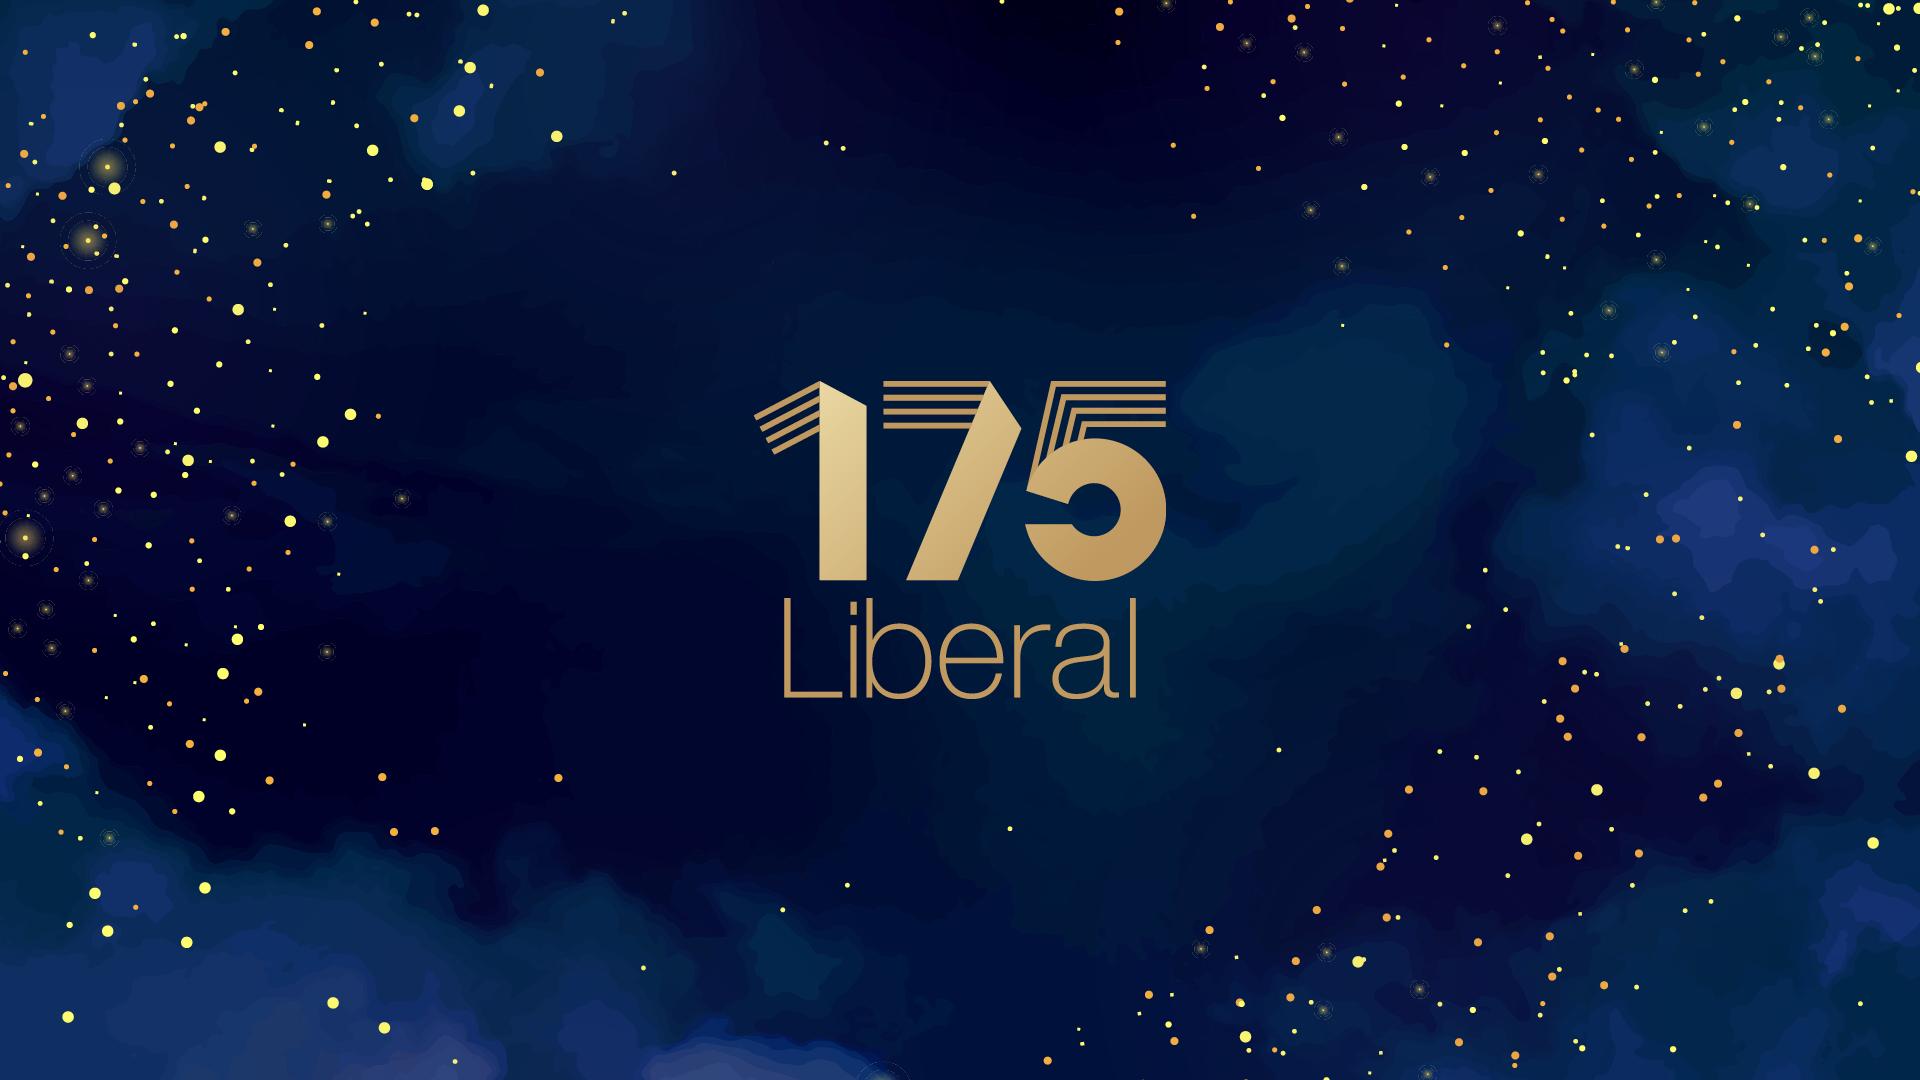 Le parti libéral fête ses 175 ans !